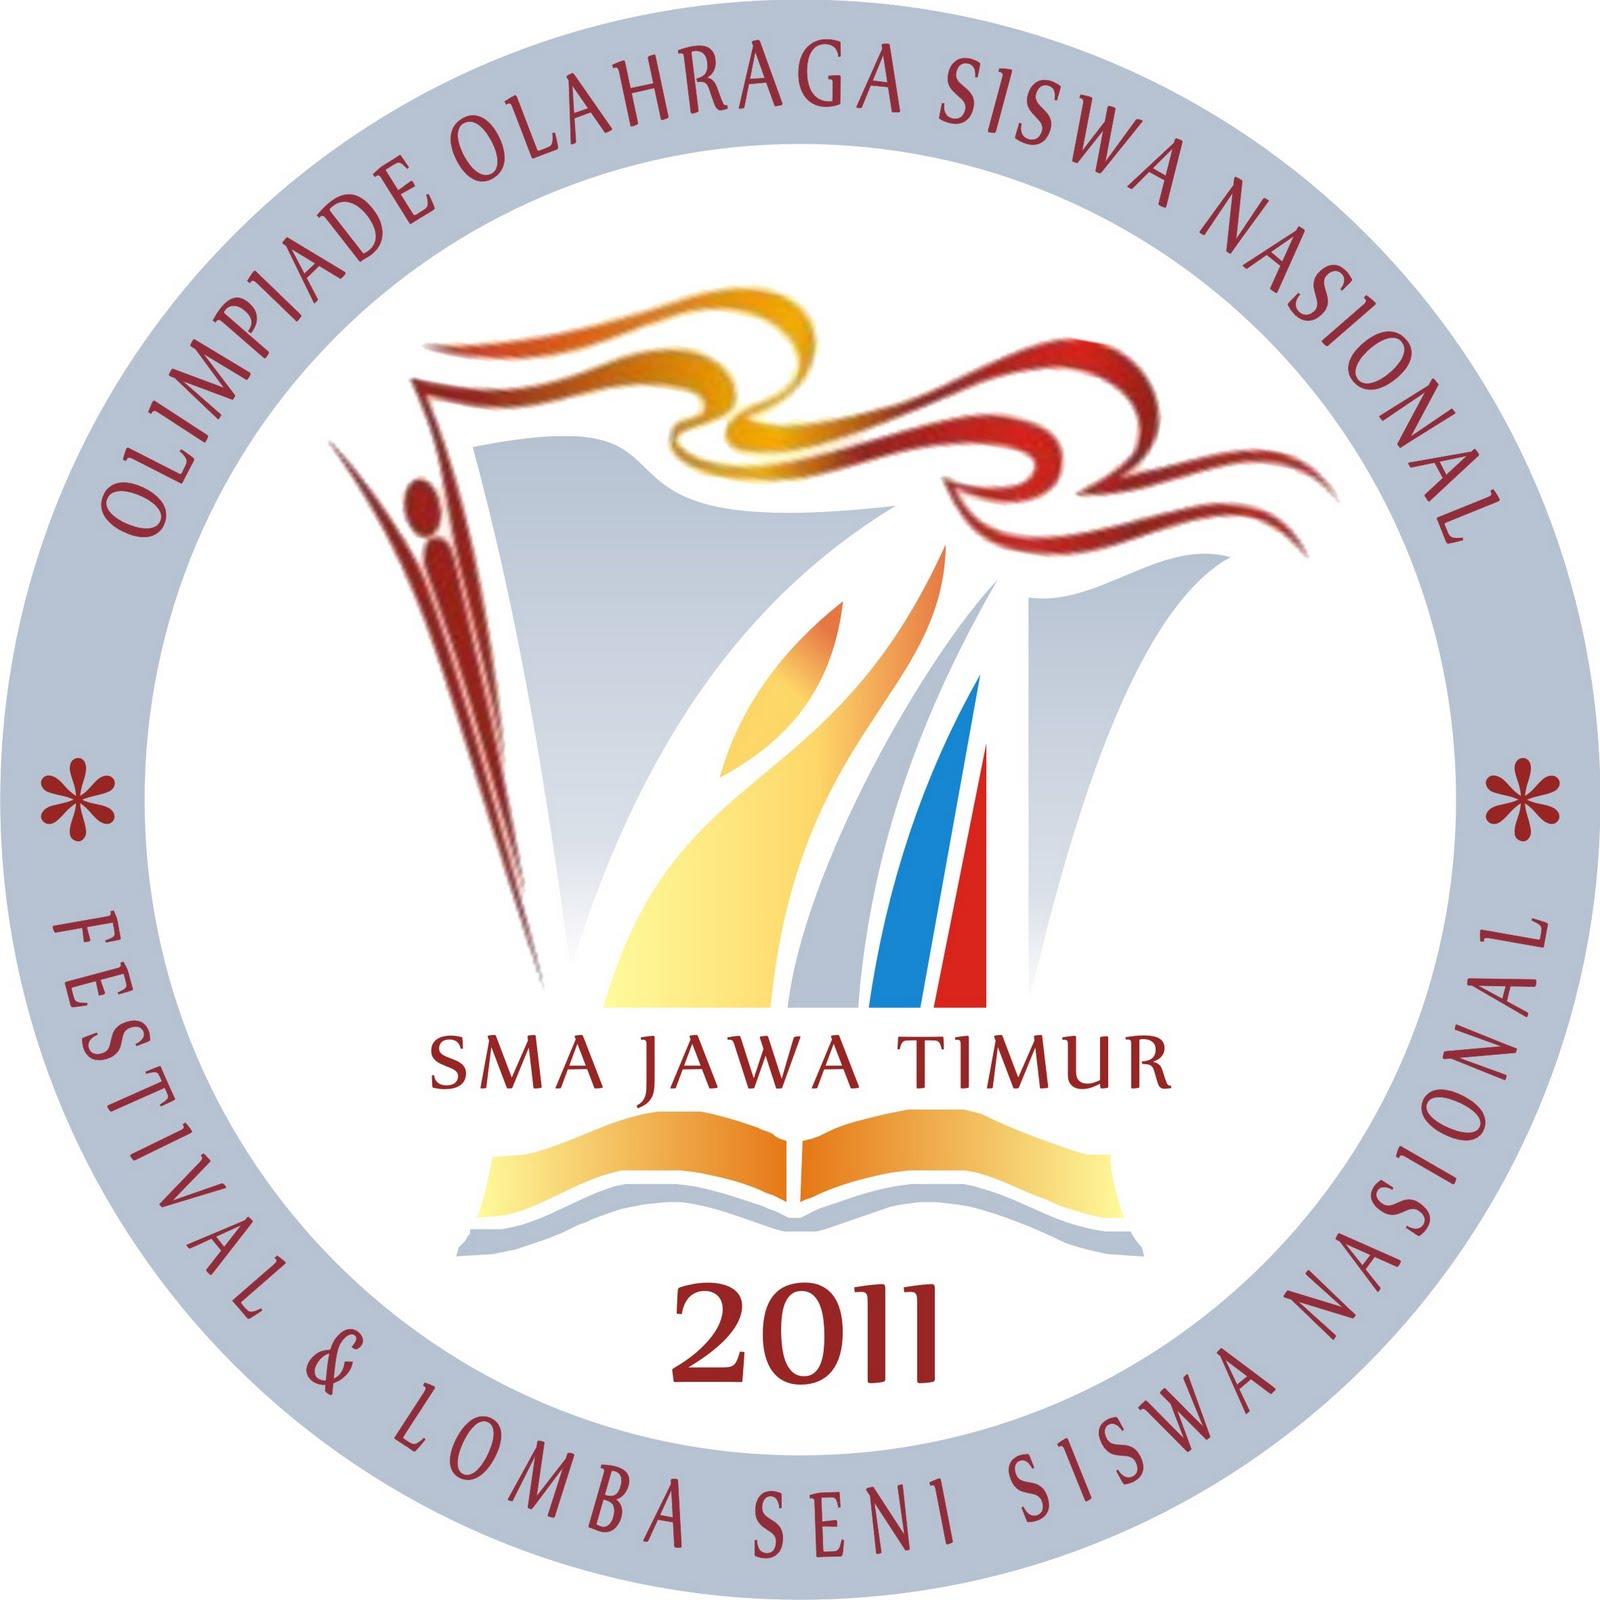 PPSMA JAWA TIMUR: April 2011